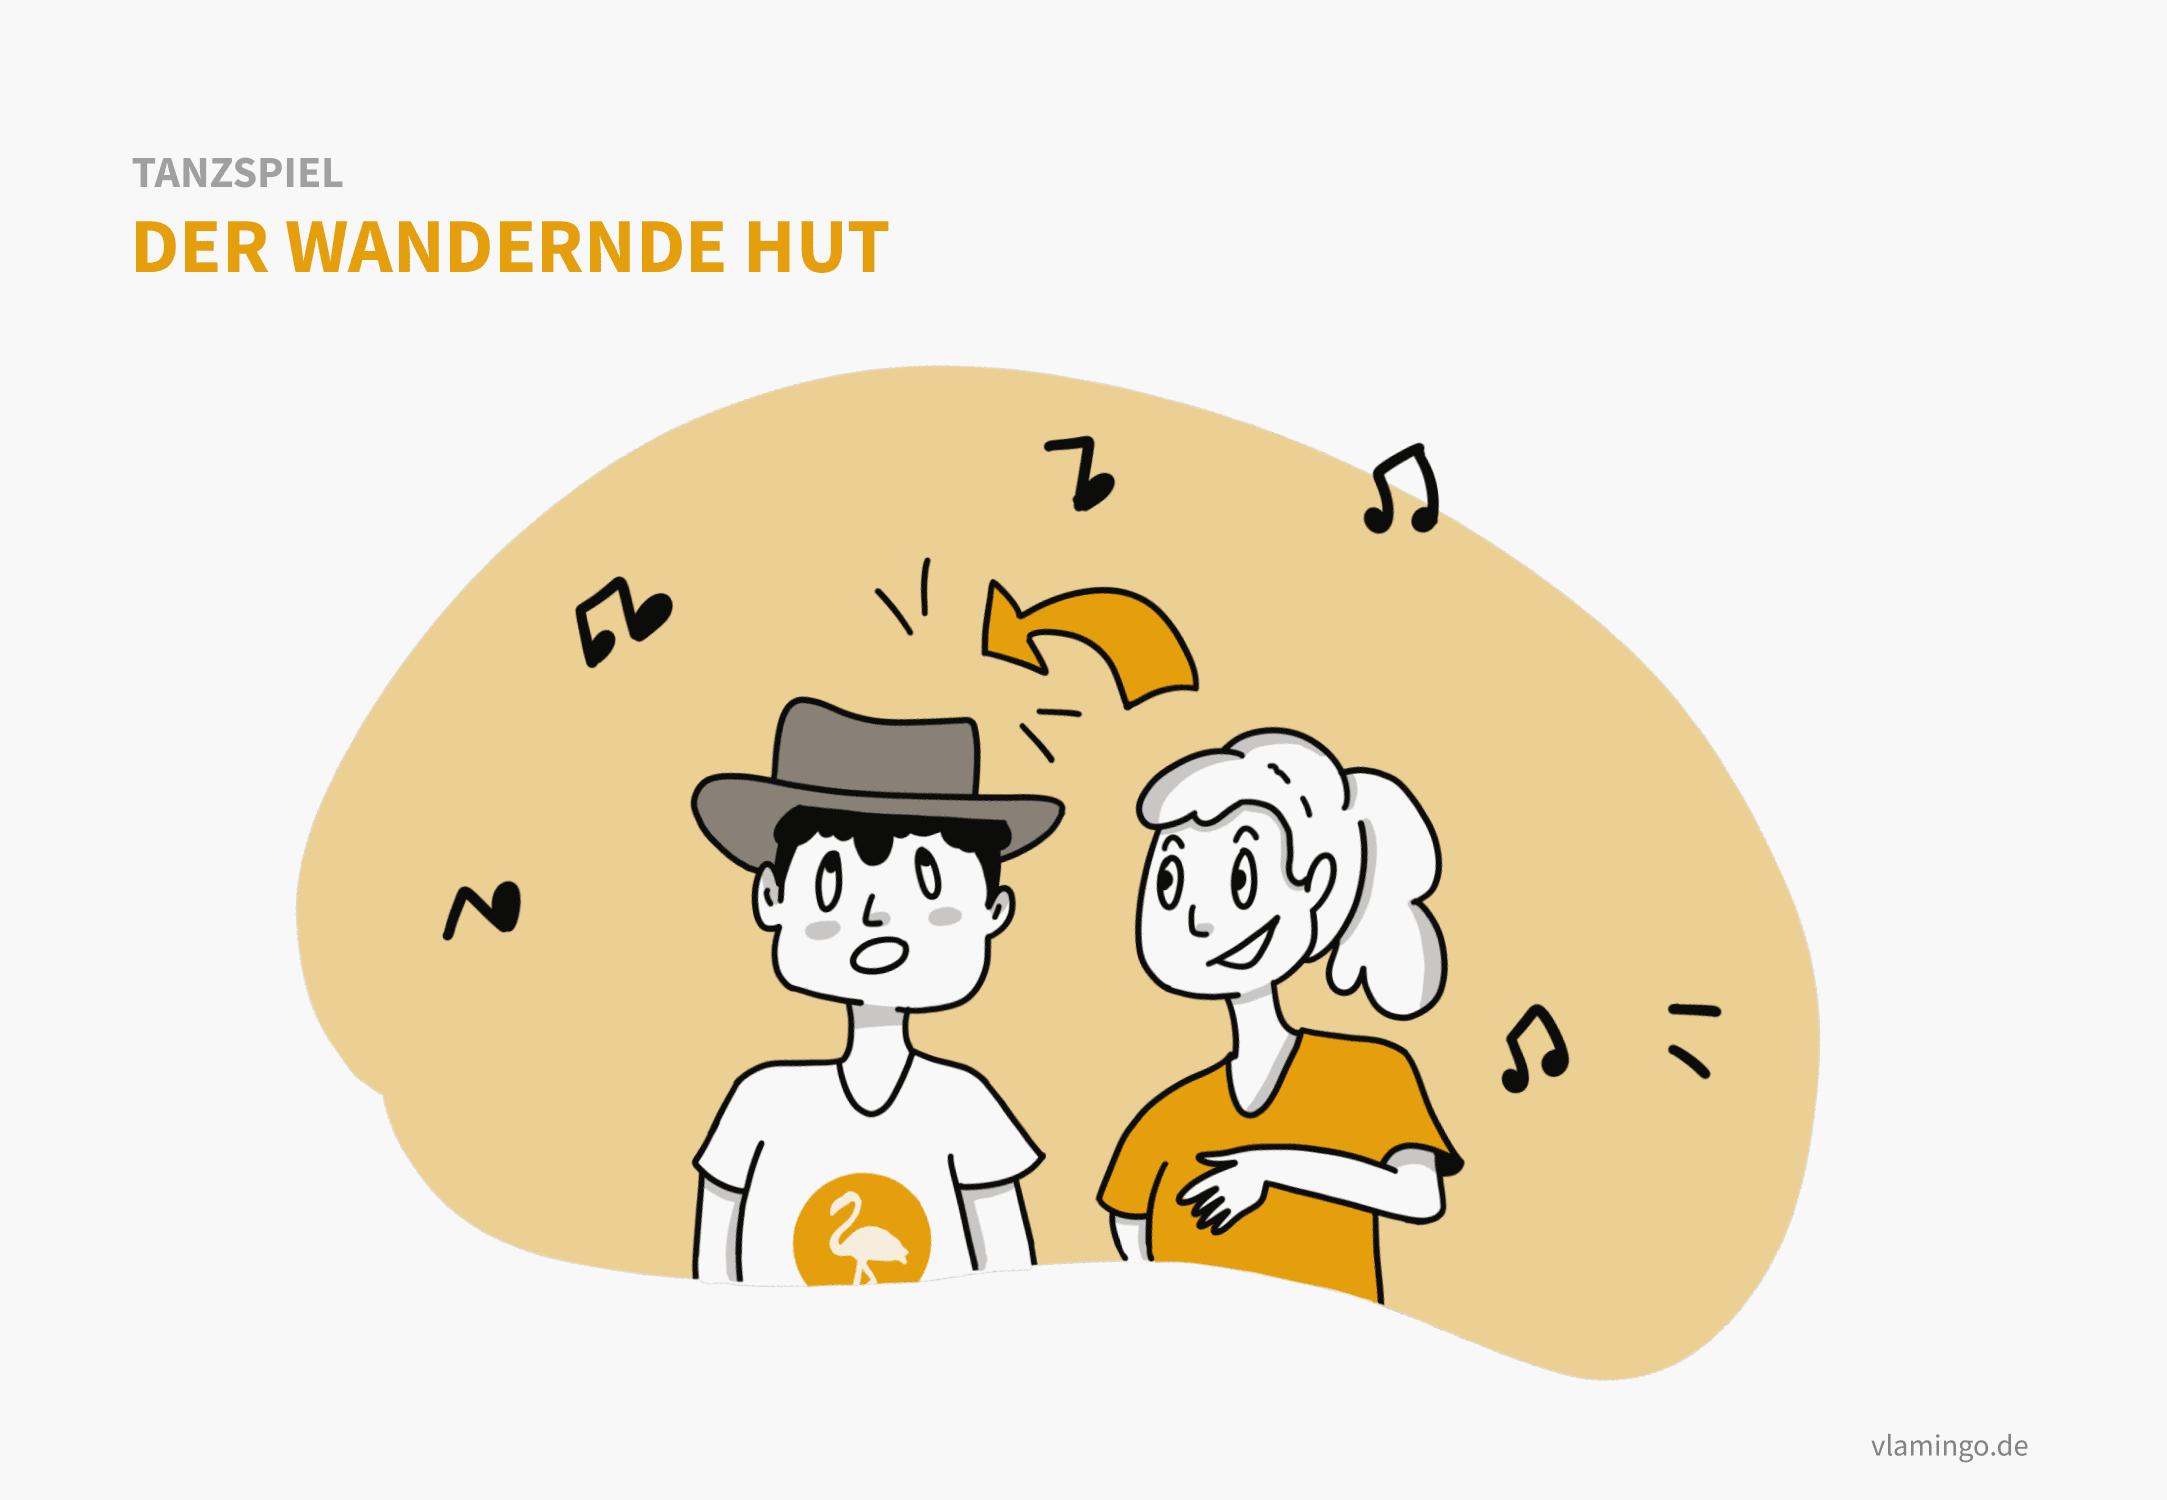 Tanzspiel - Der wandernde Hut